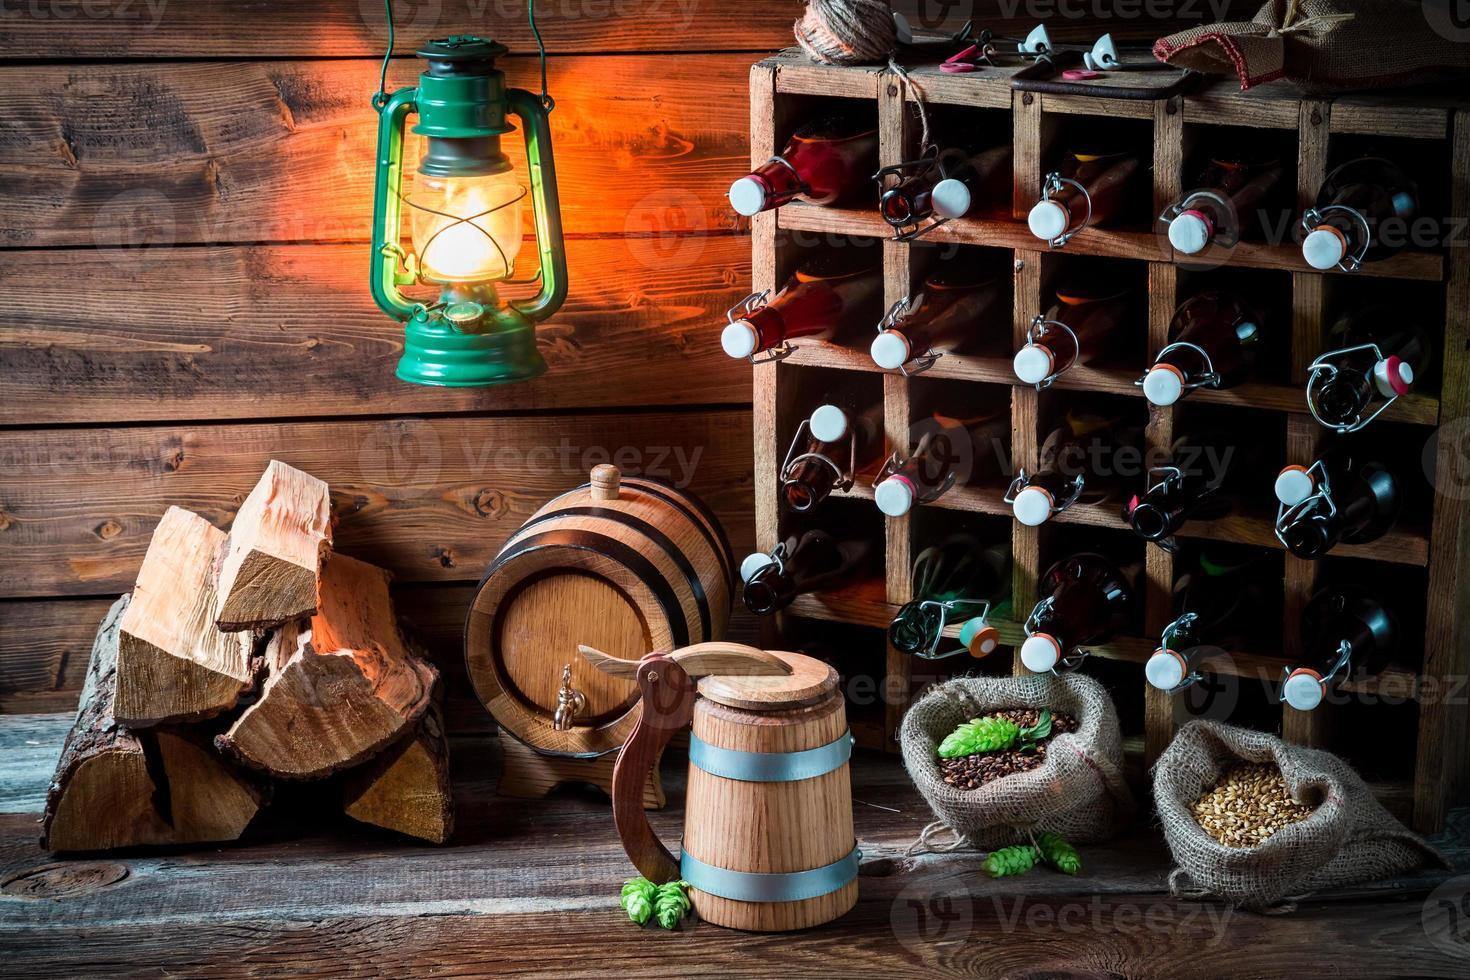 cellier à bière maison dans la cave photo